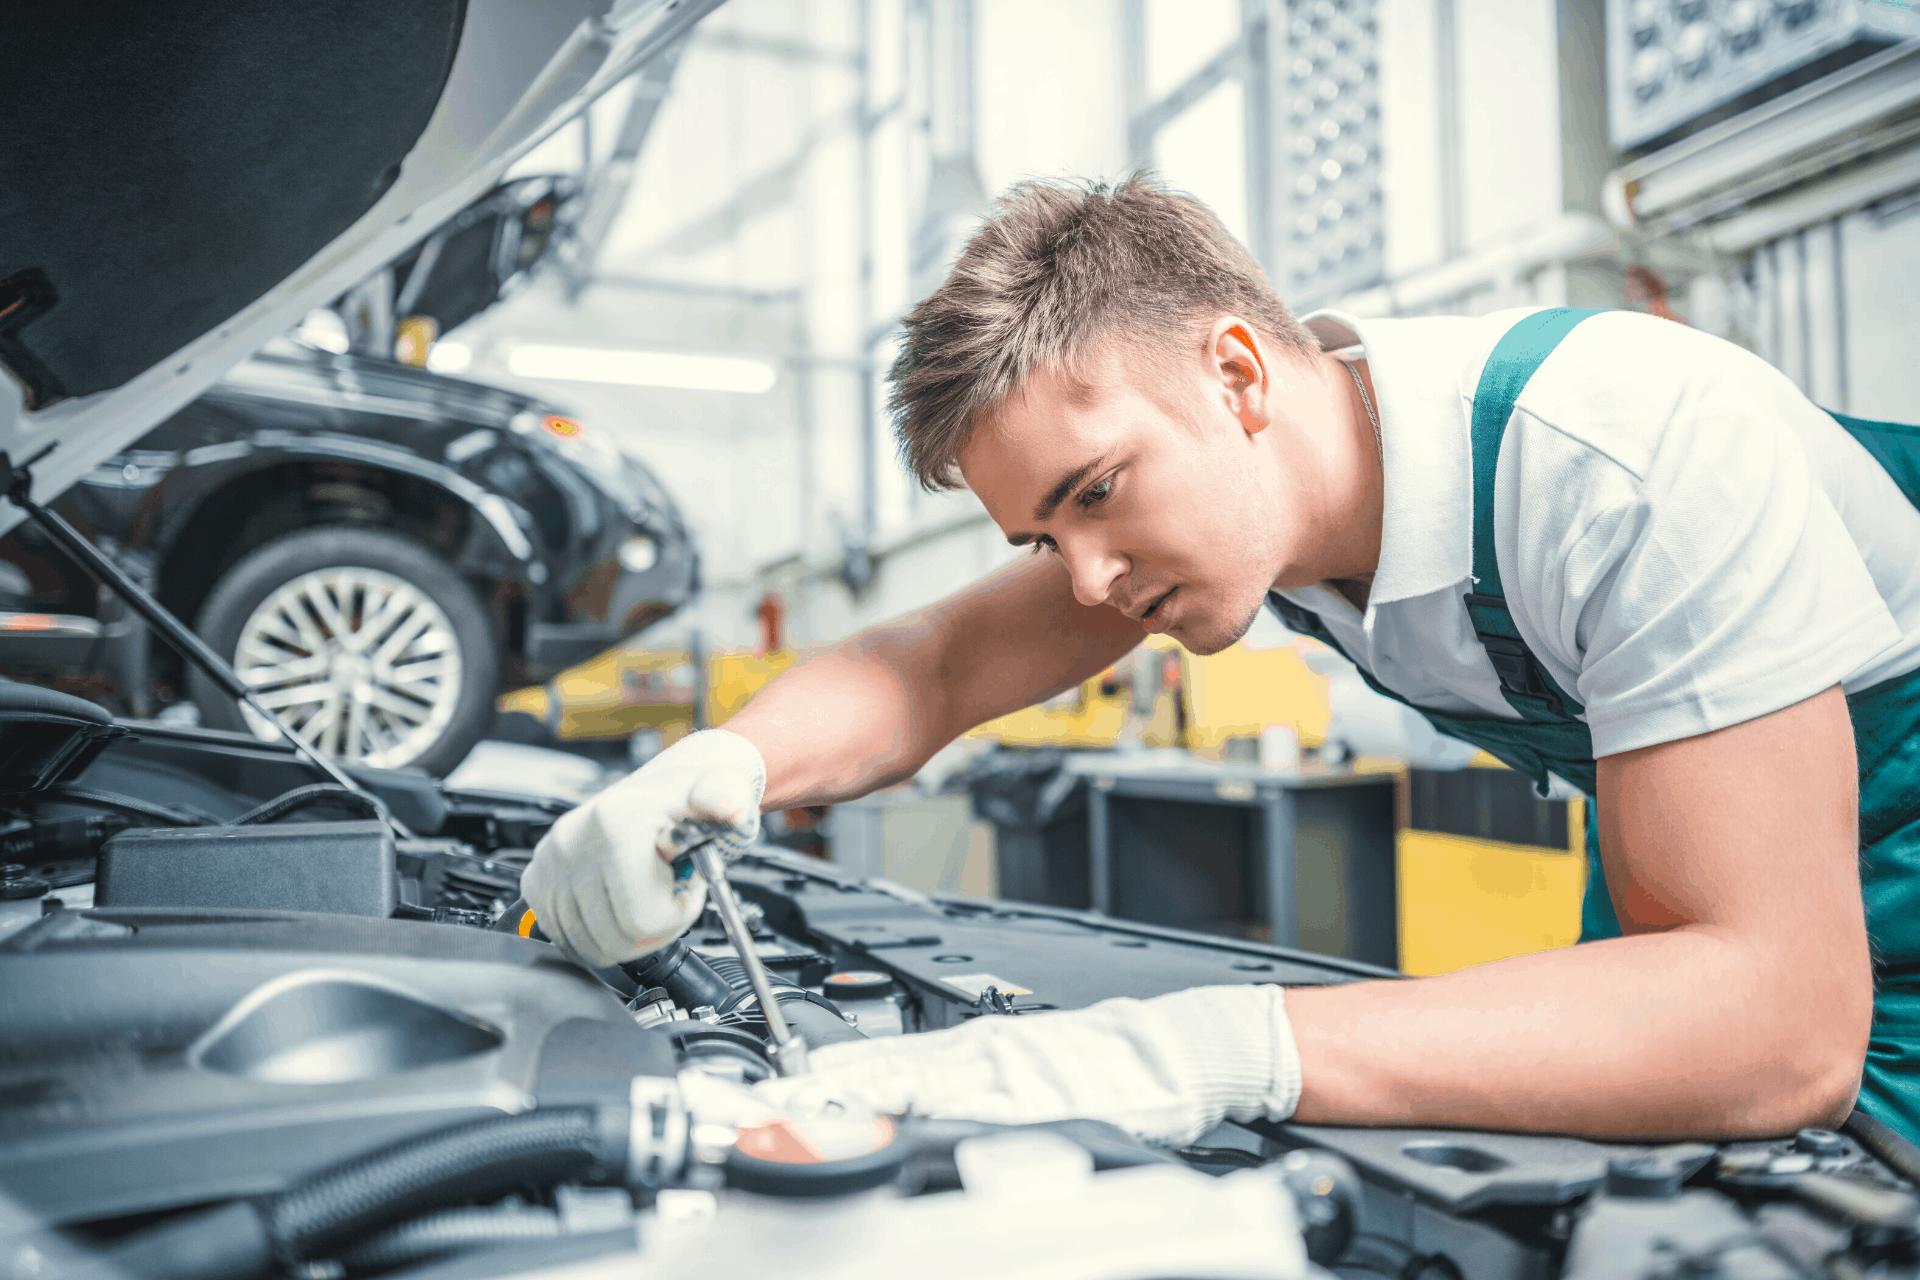 under 25 motor traders insurance